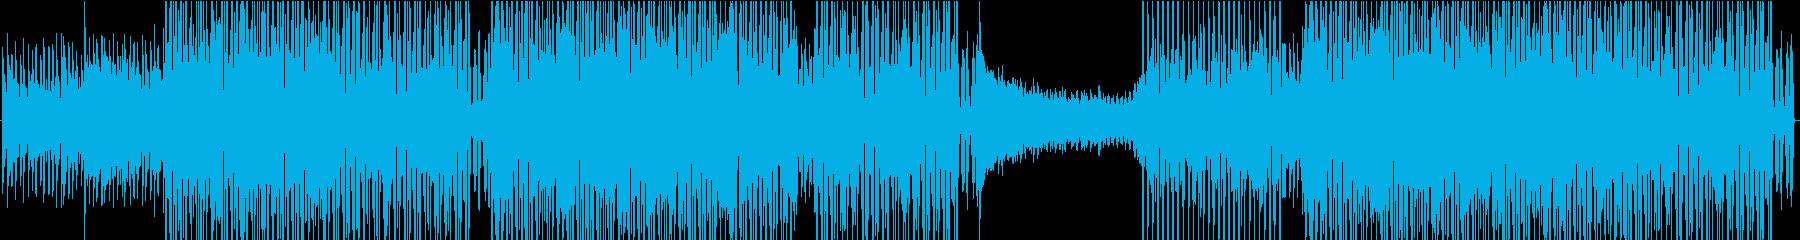 素朴で無邪気なエレクトロポップの再生済みの波形